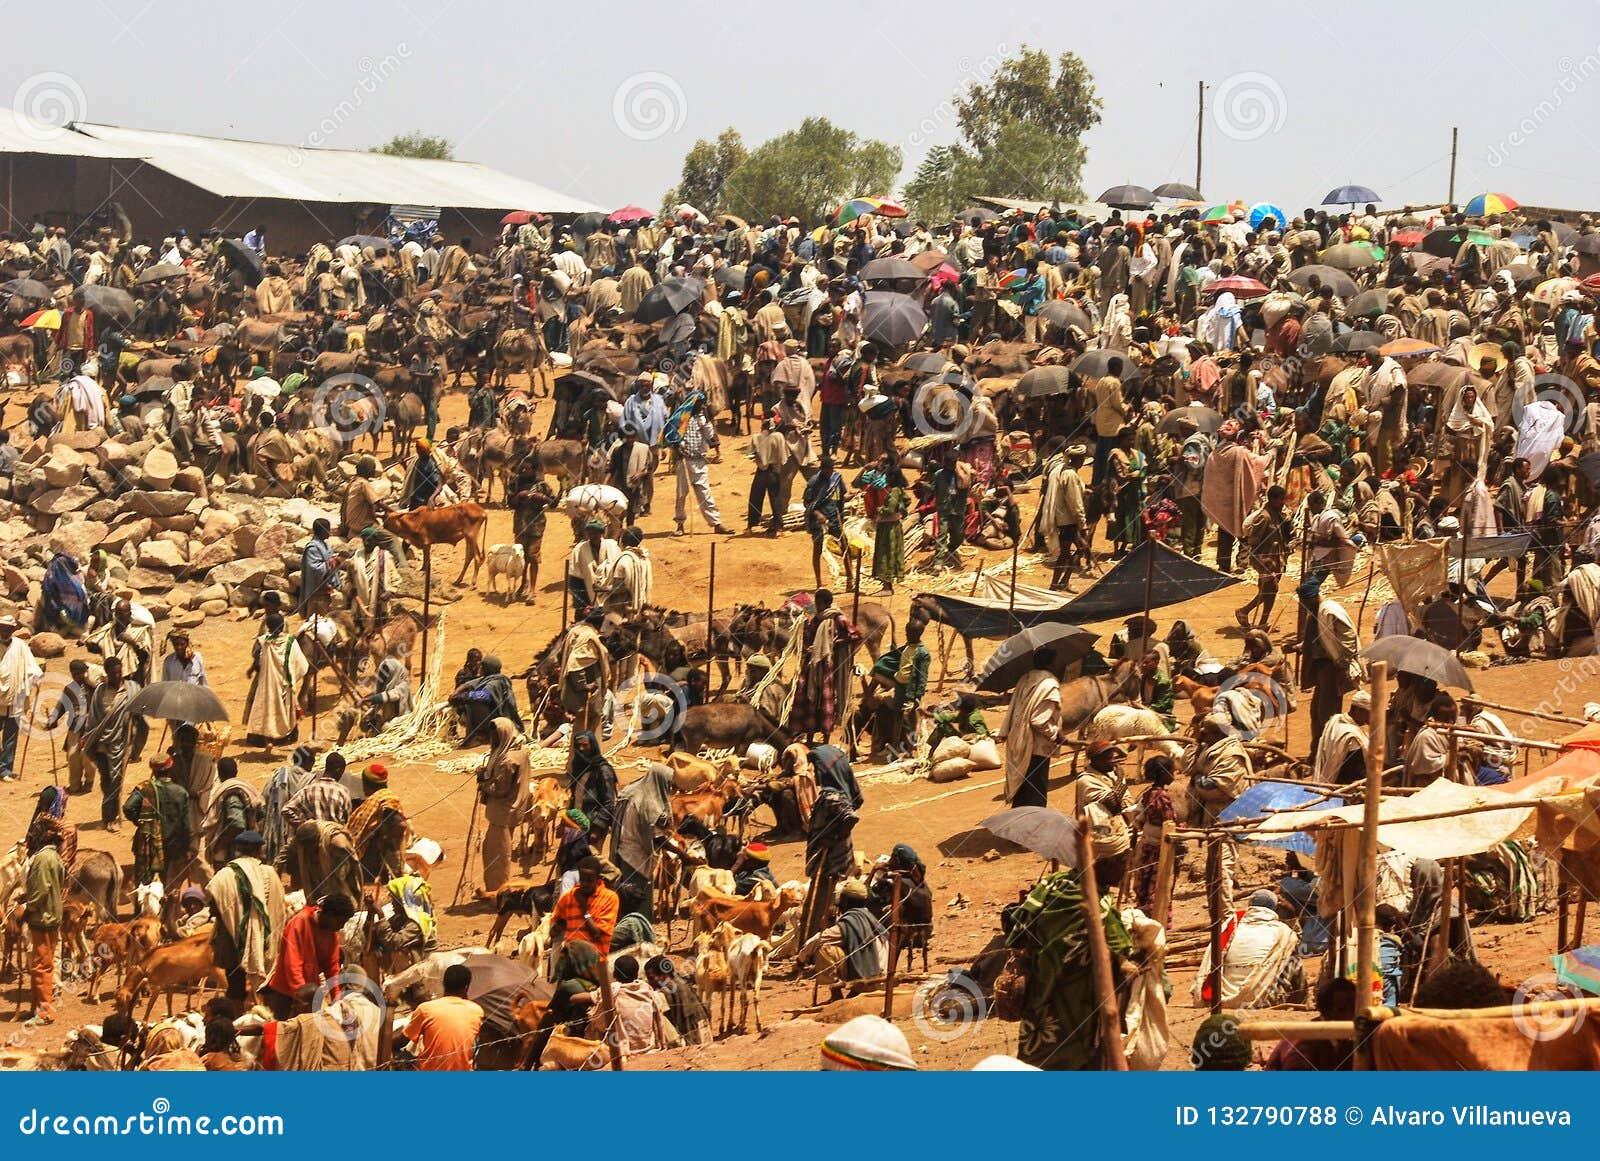 Lalibela, Ethiopië, 13 Juni 2009: Marktscène, niet geïdentificeerd p